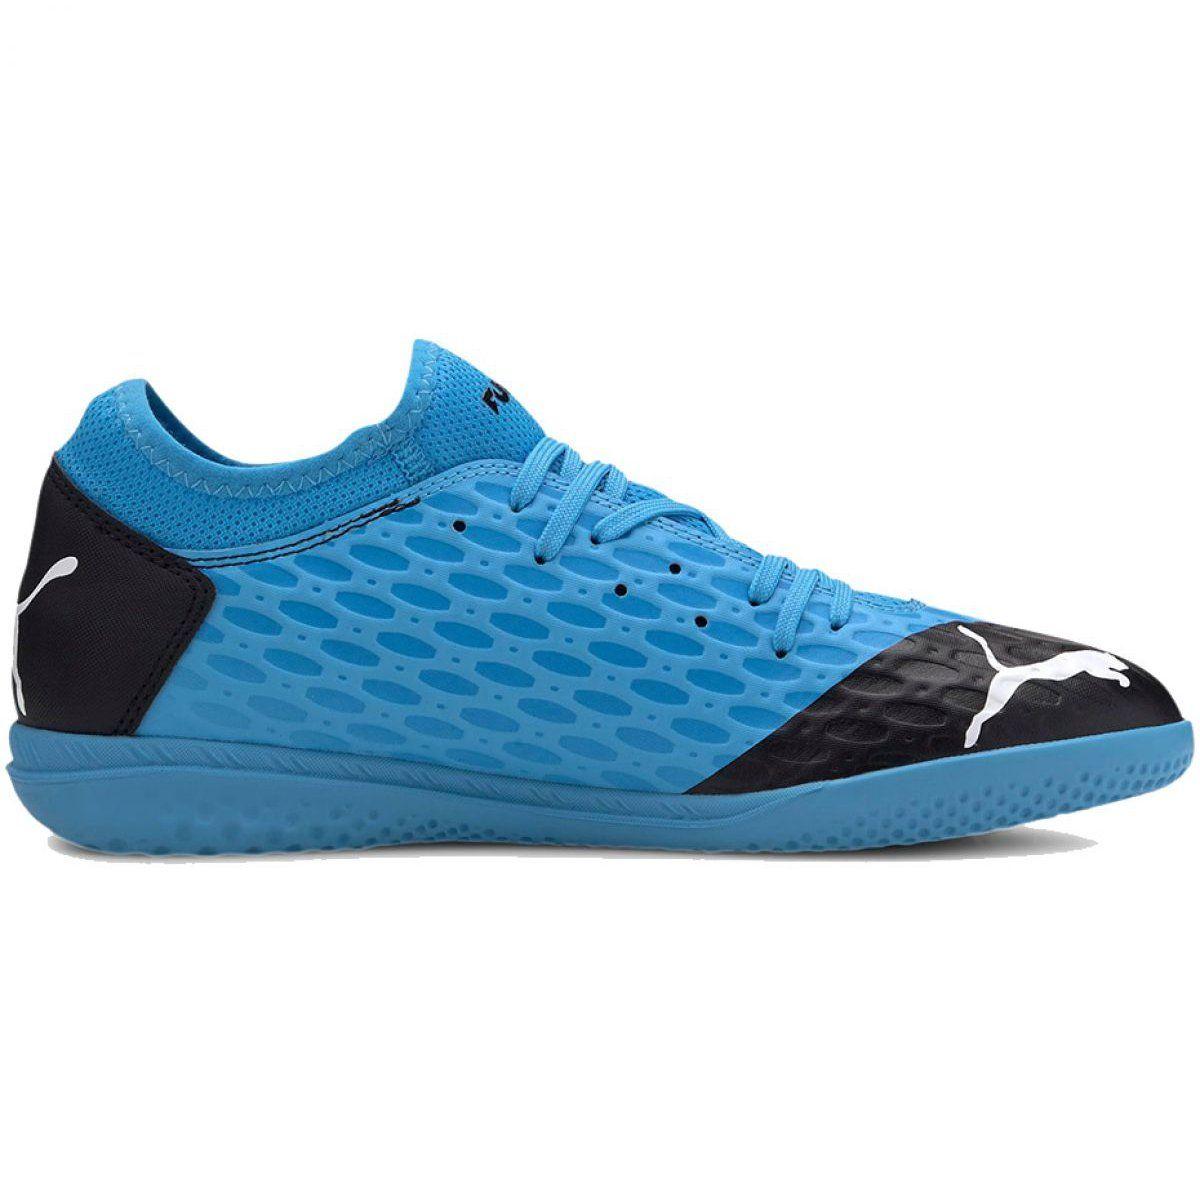 Buty Halowe Puma Future 5 4 It M 105804 01 Niebieskie Niebieski